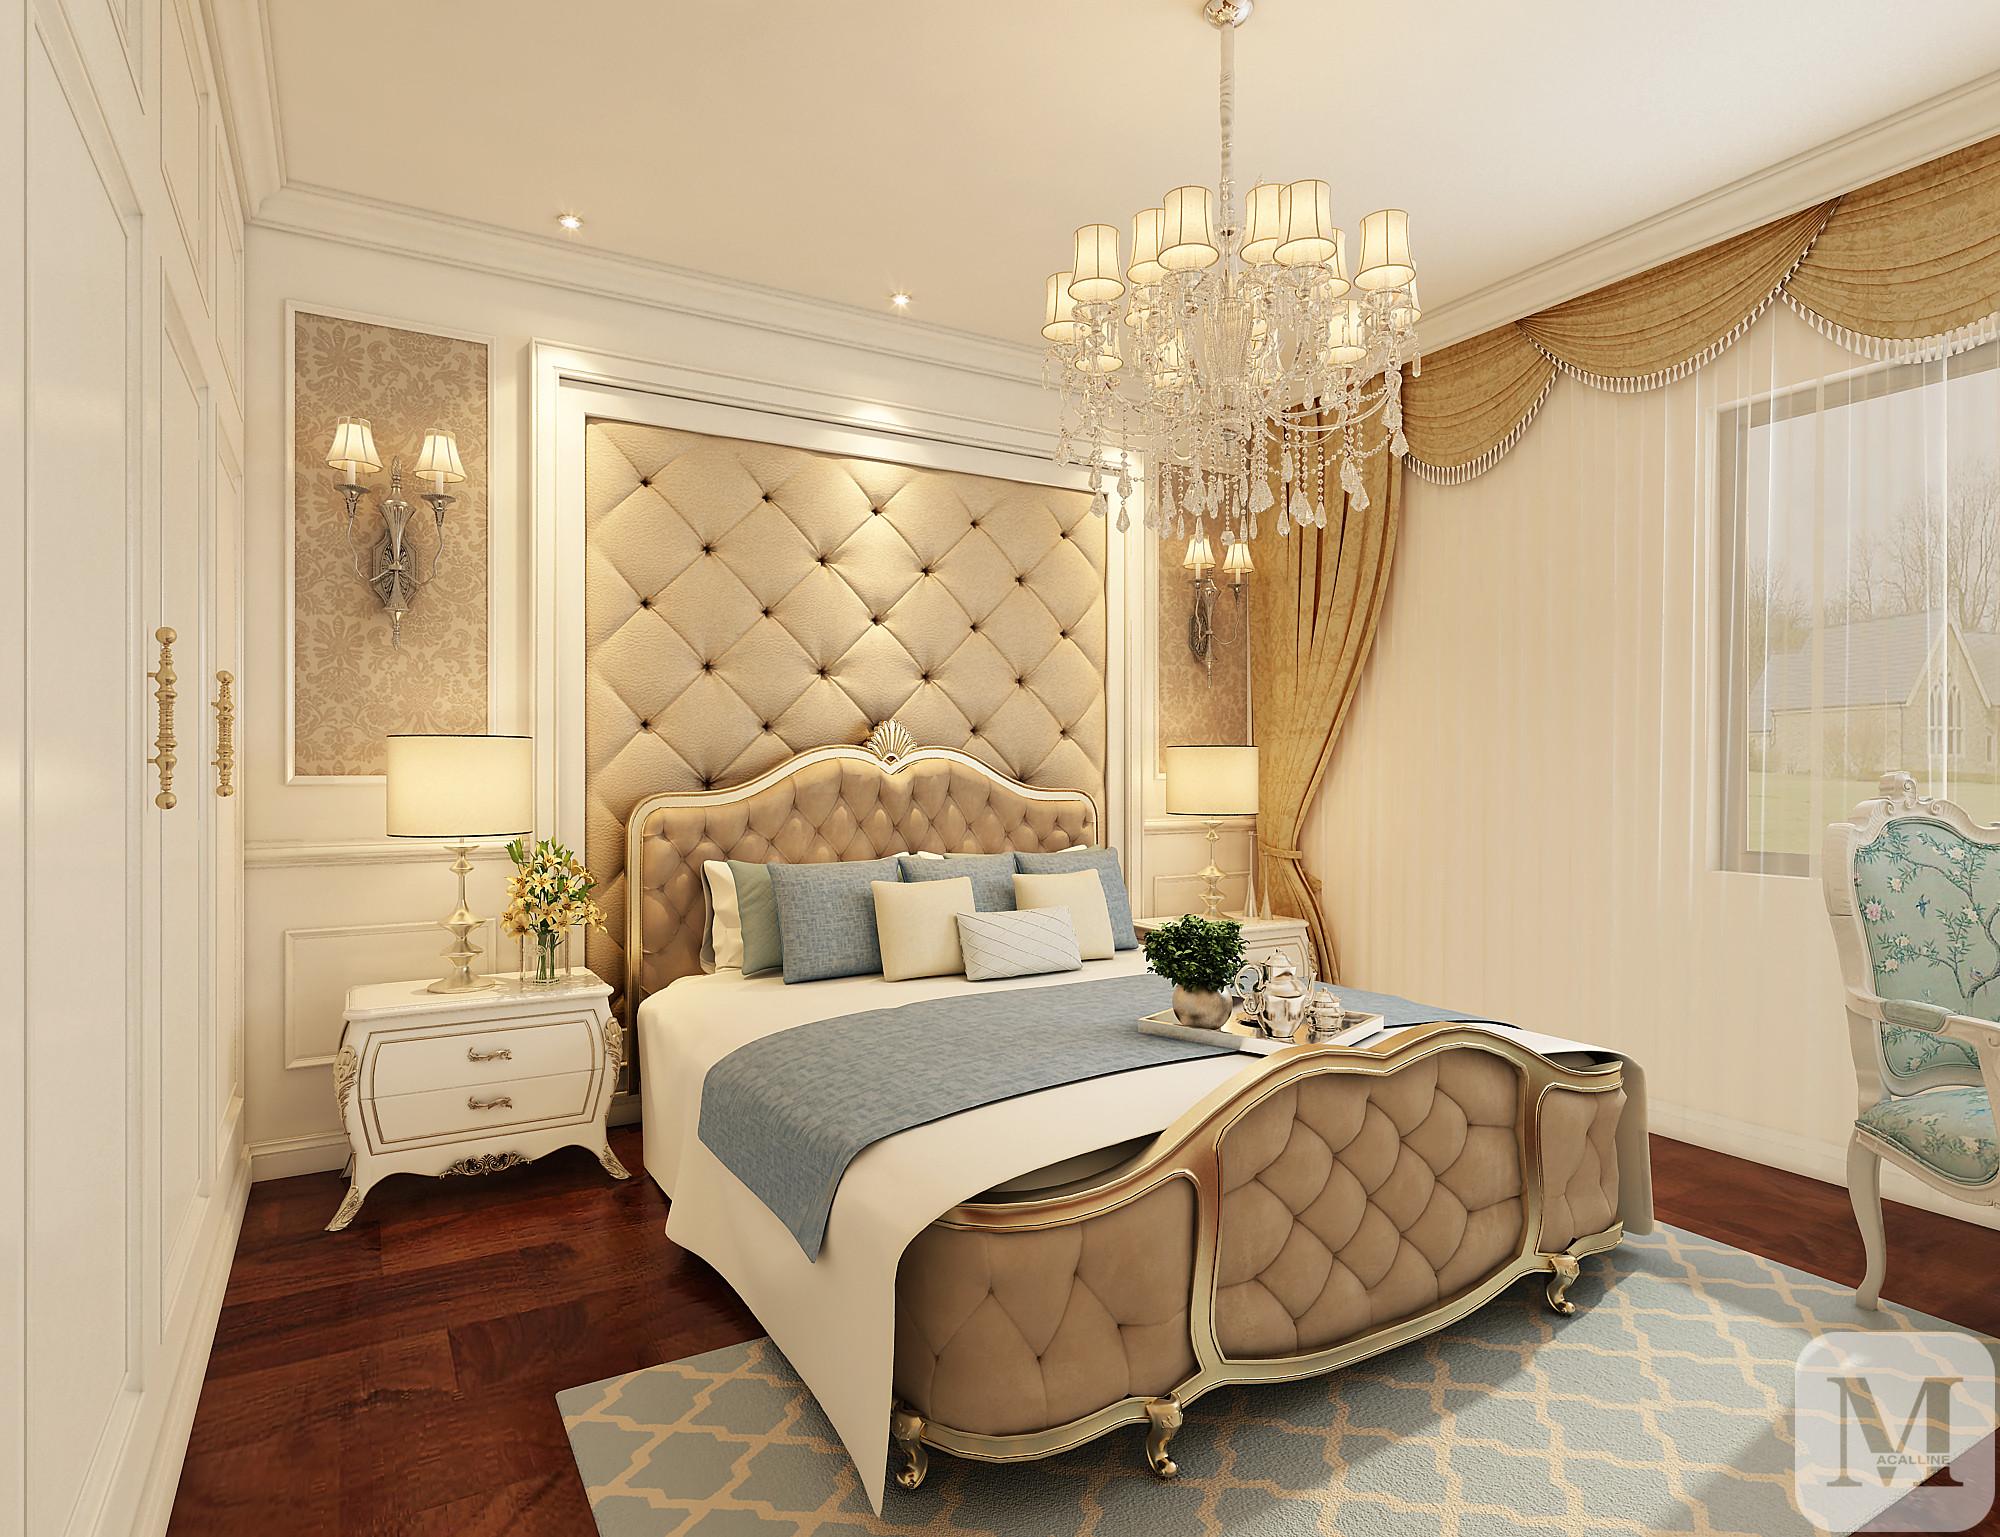 简欧卧室衣柜装修效果图 图片信息 卧室吊顶窗帘衣柜简欧 立即提交图片